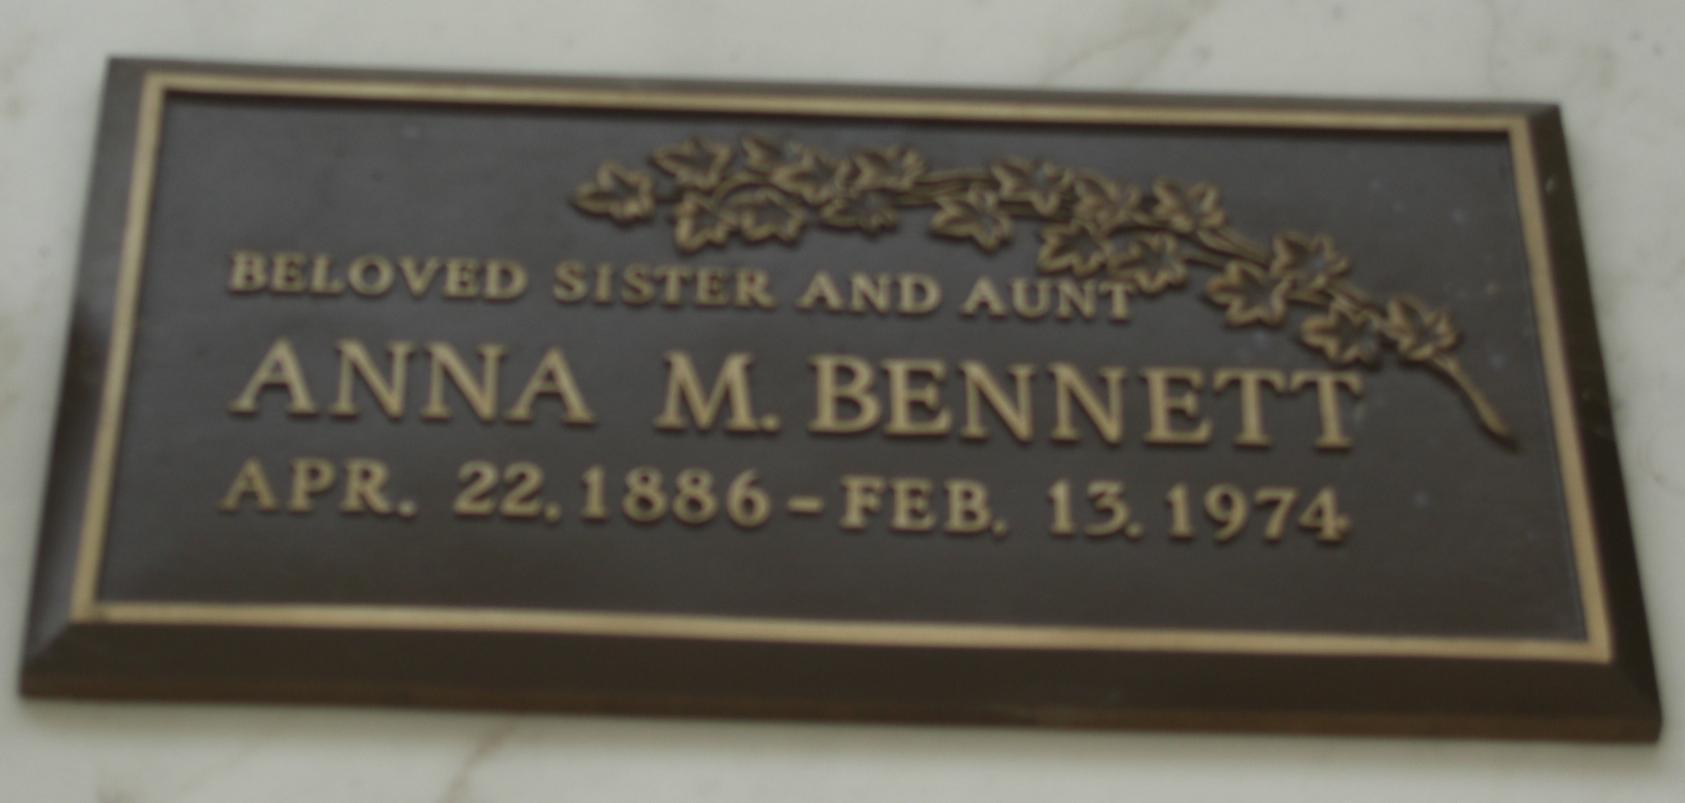 Anna M. Bennett